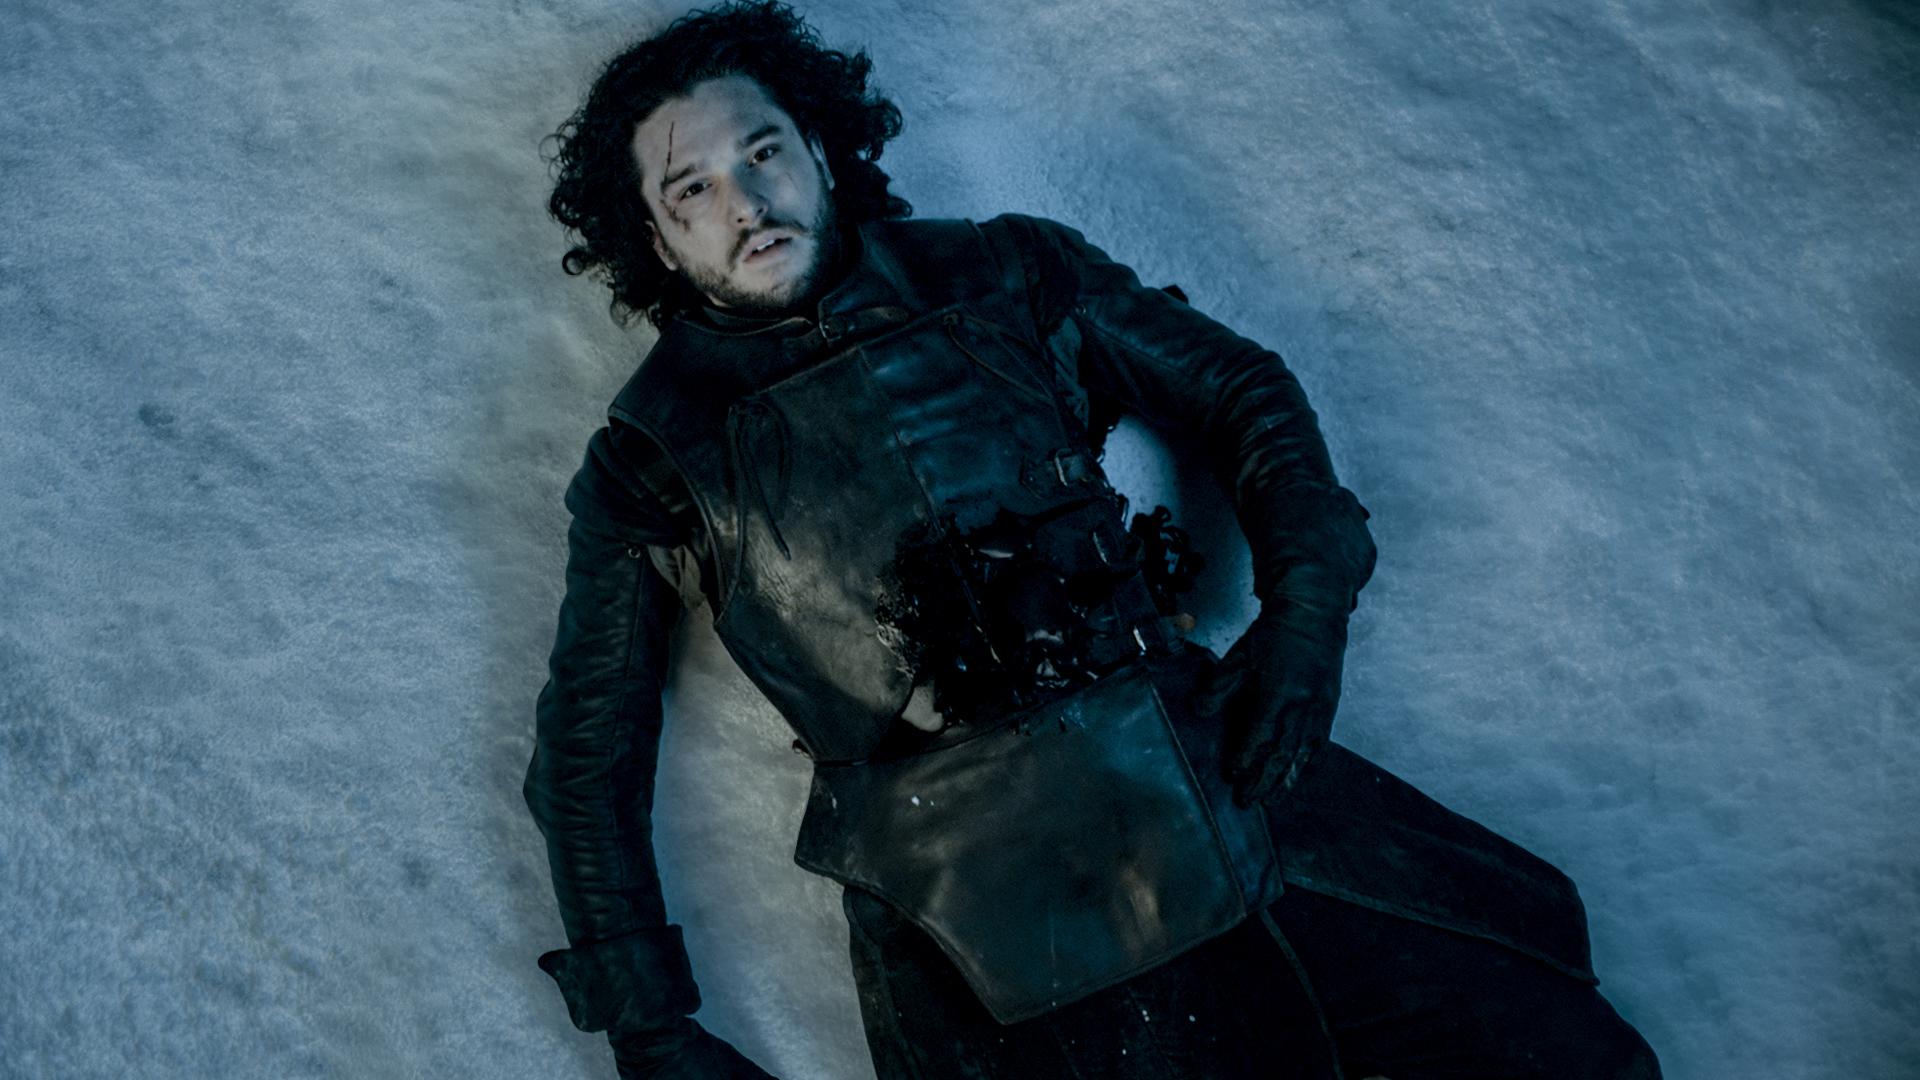 Última cena do episódio final da quinta temporada, que gerou muita insatisfação nas redes sociais devido a spoilers.